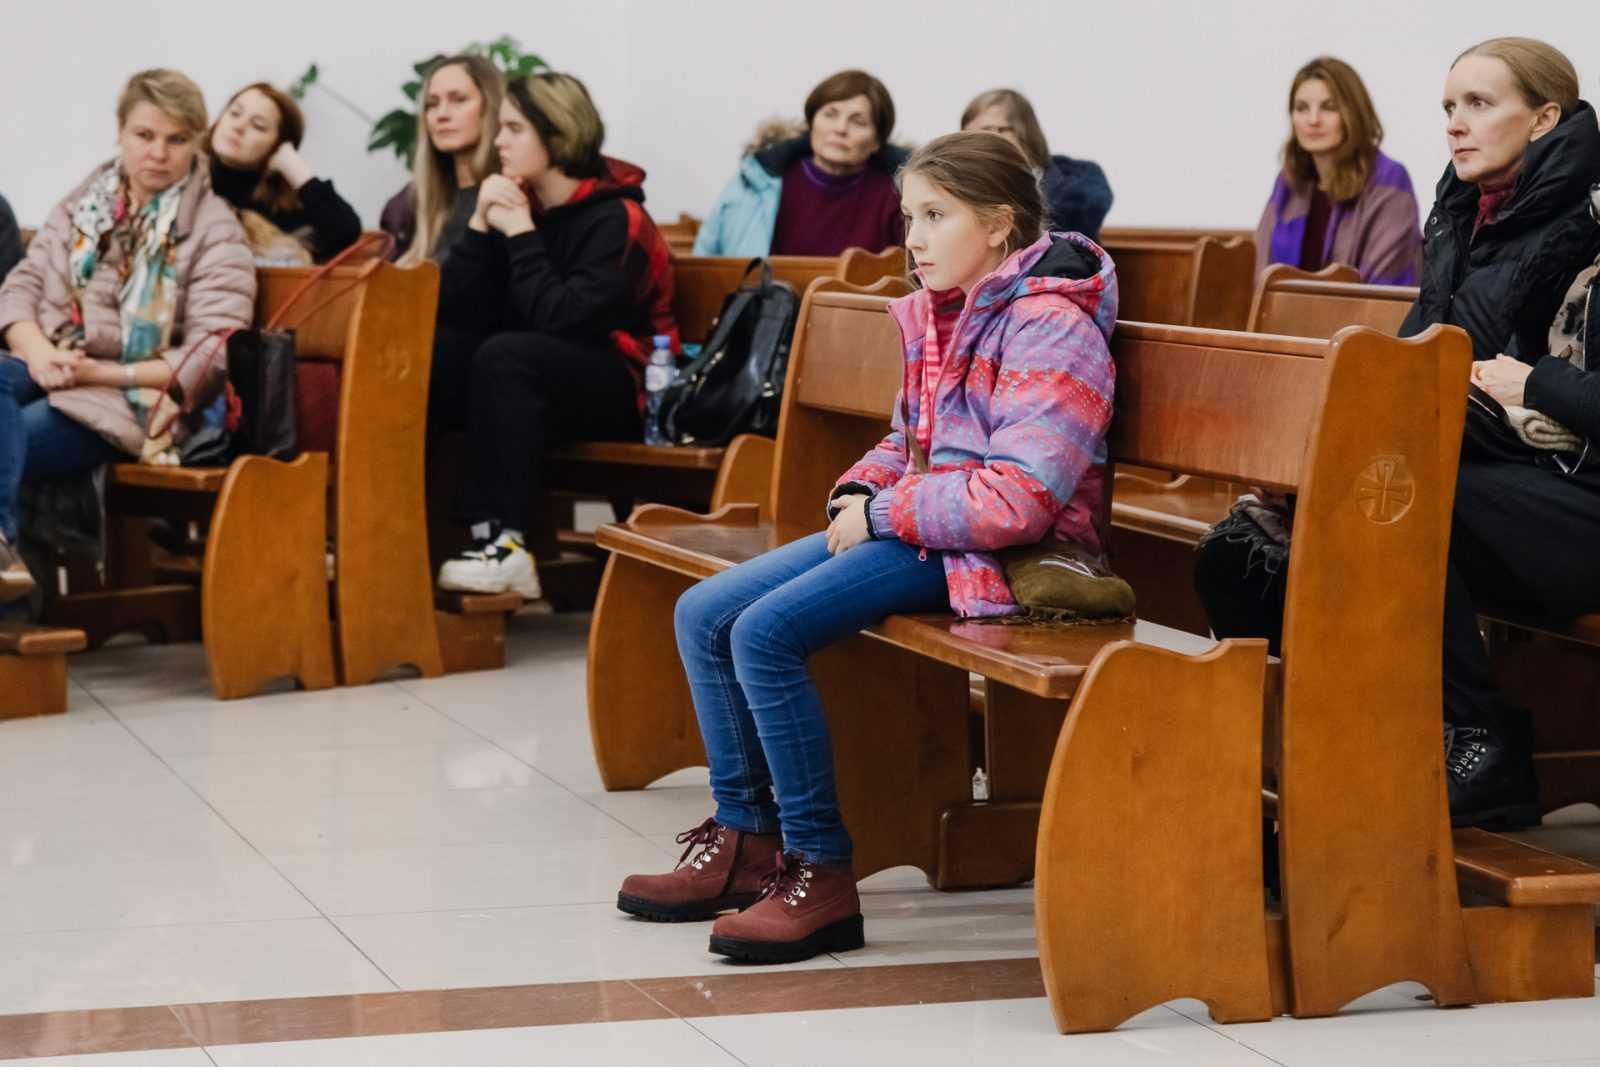 Музыка в храме КОНЦЕРТ «МАСТЕРА БАРОККО» 26.10.2019 4